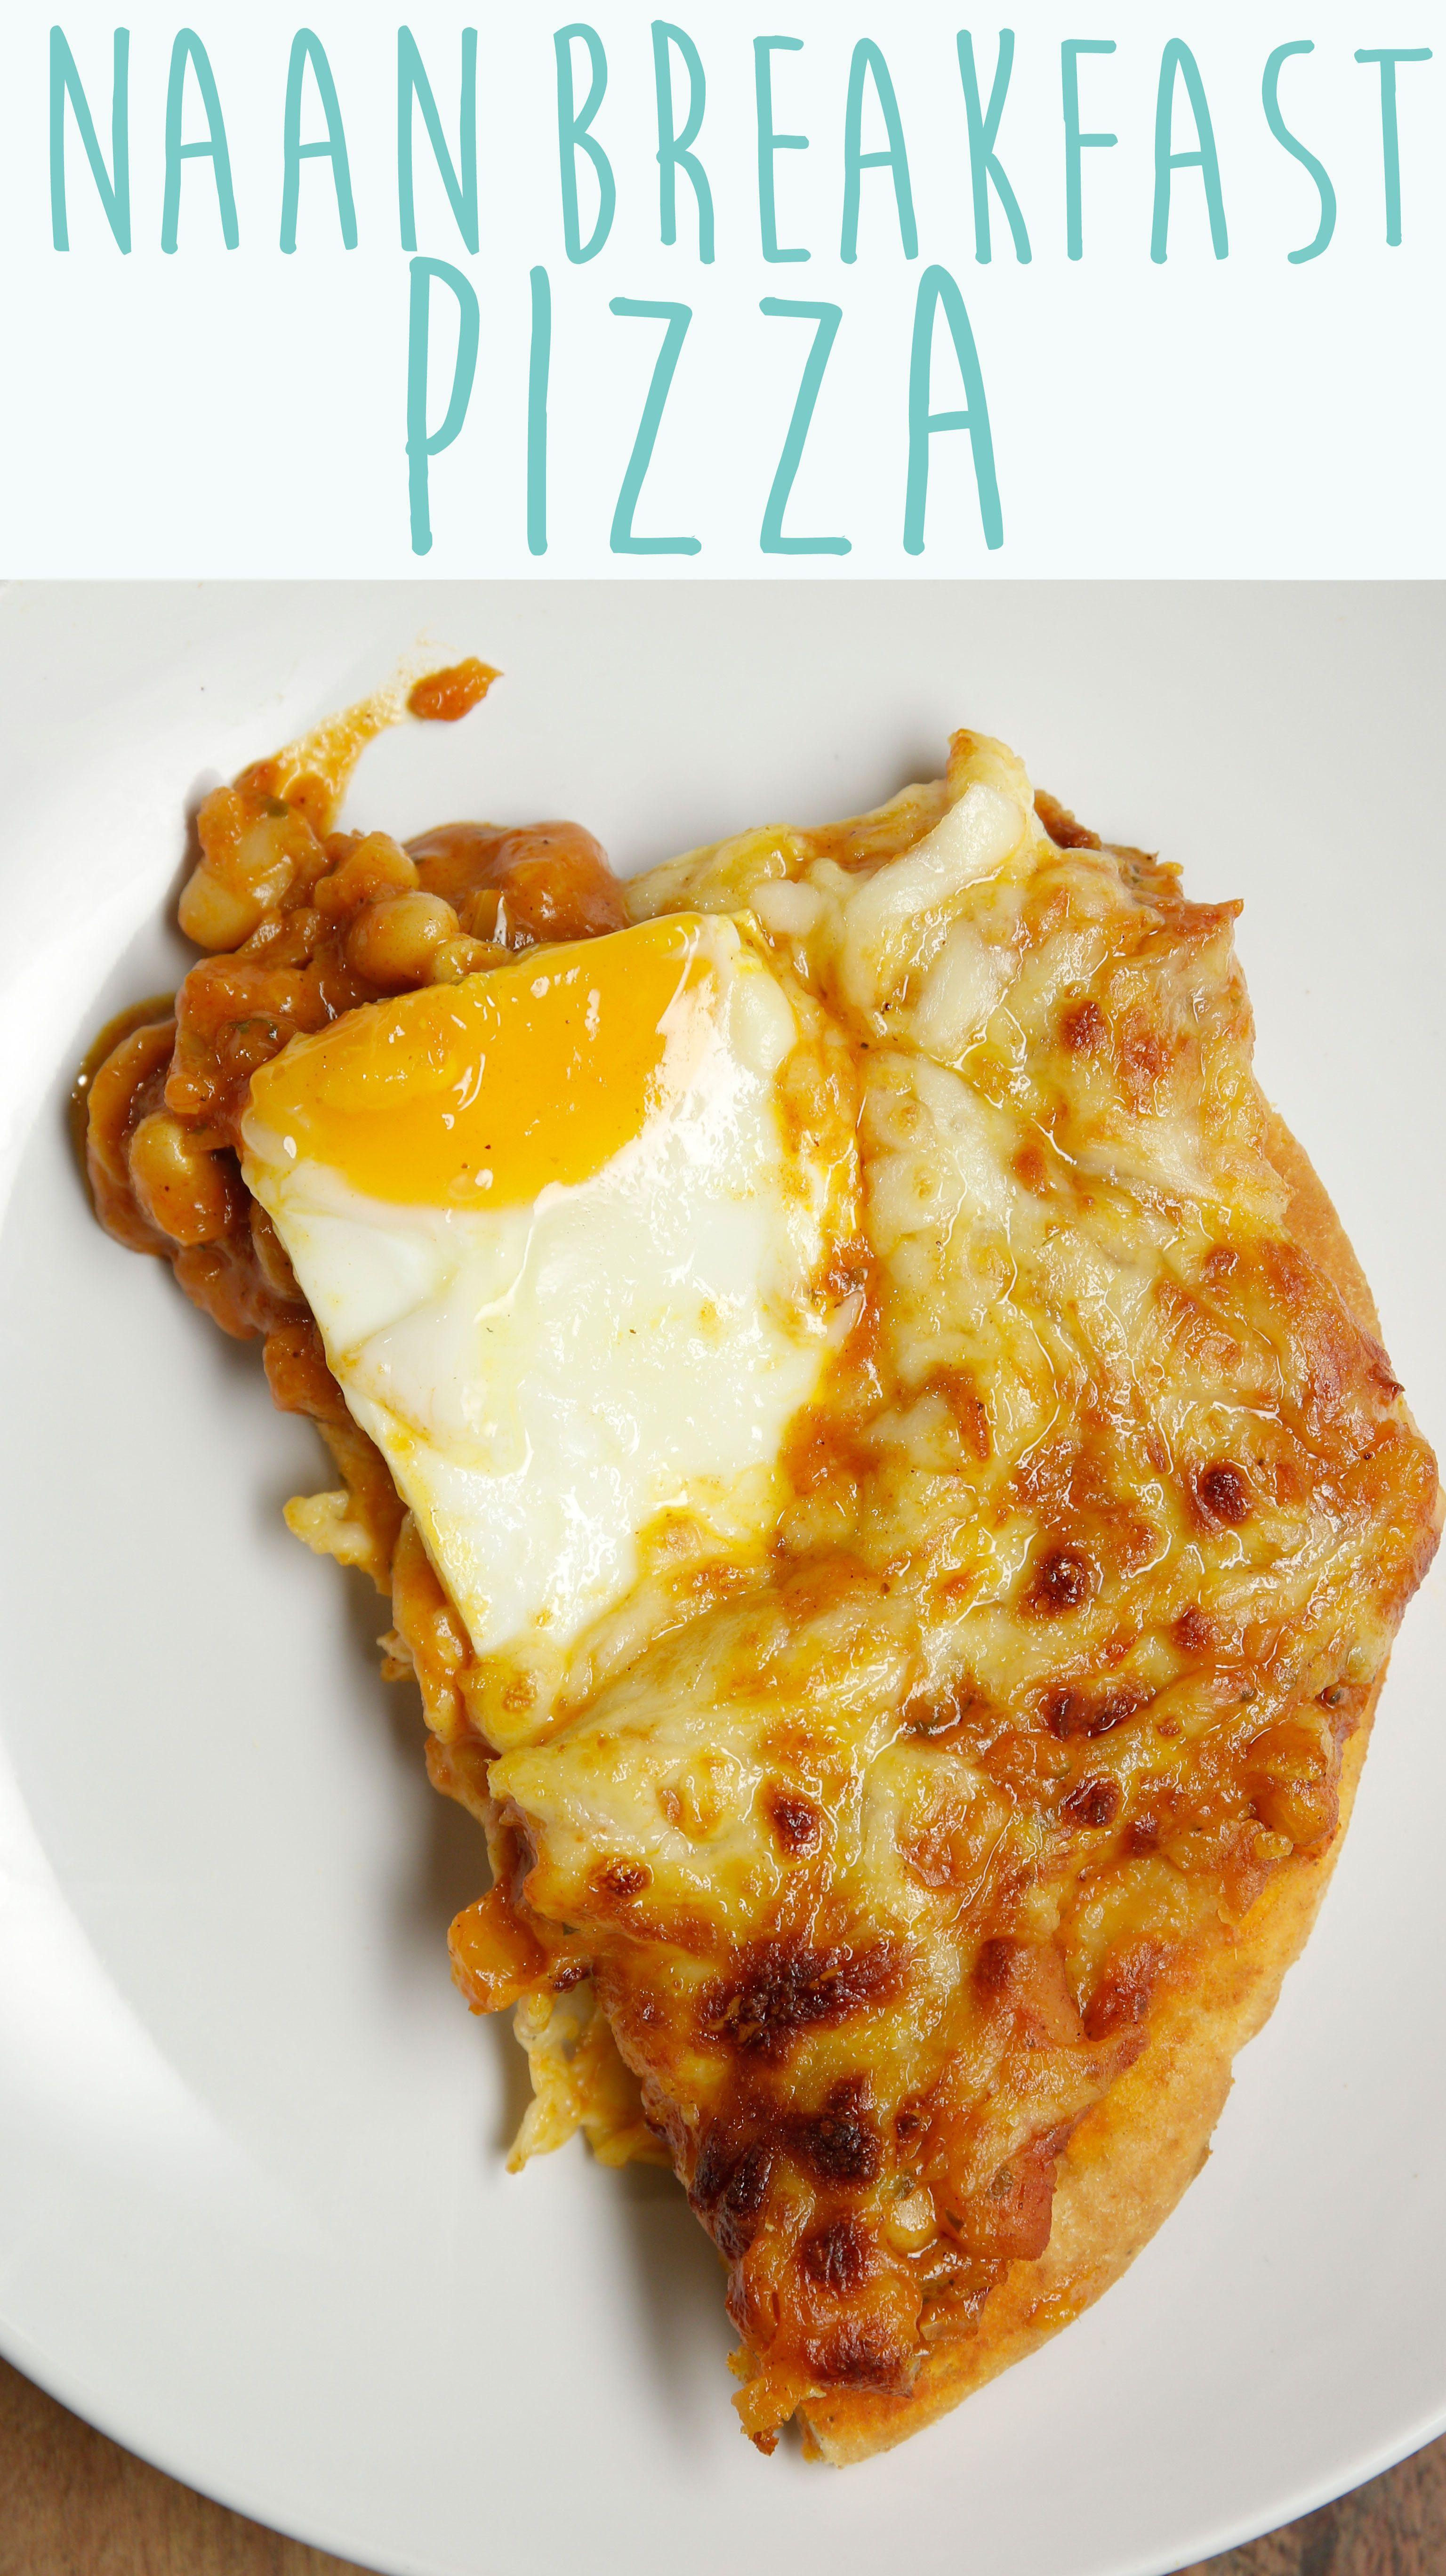 Naan Breakfast Pizza Perfect For Brunch **** 9 van Elroy! heel weinig tot geen massala doen, cheddar en gewone kaas, op het einde lenteuitjes en rucola, misschien wat verse tomaten erbij (voor of na de oven)****